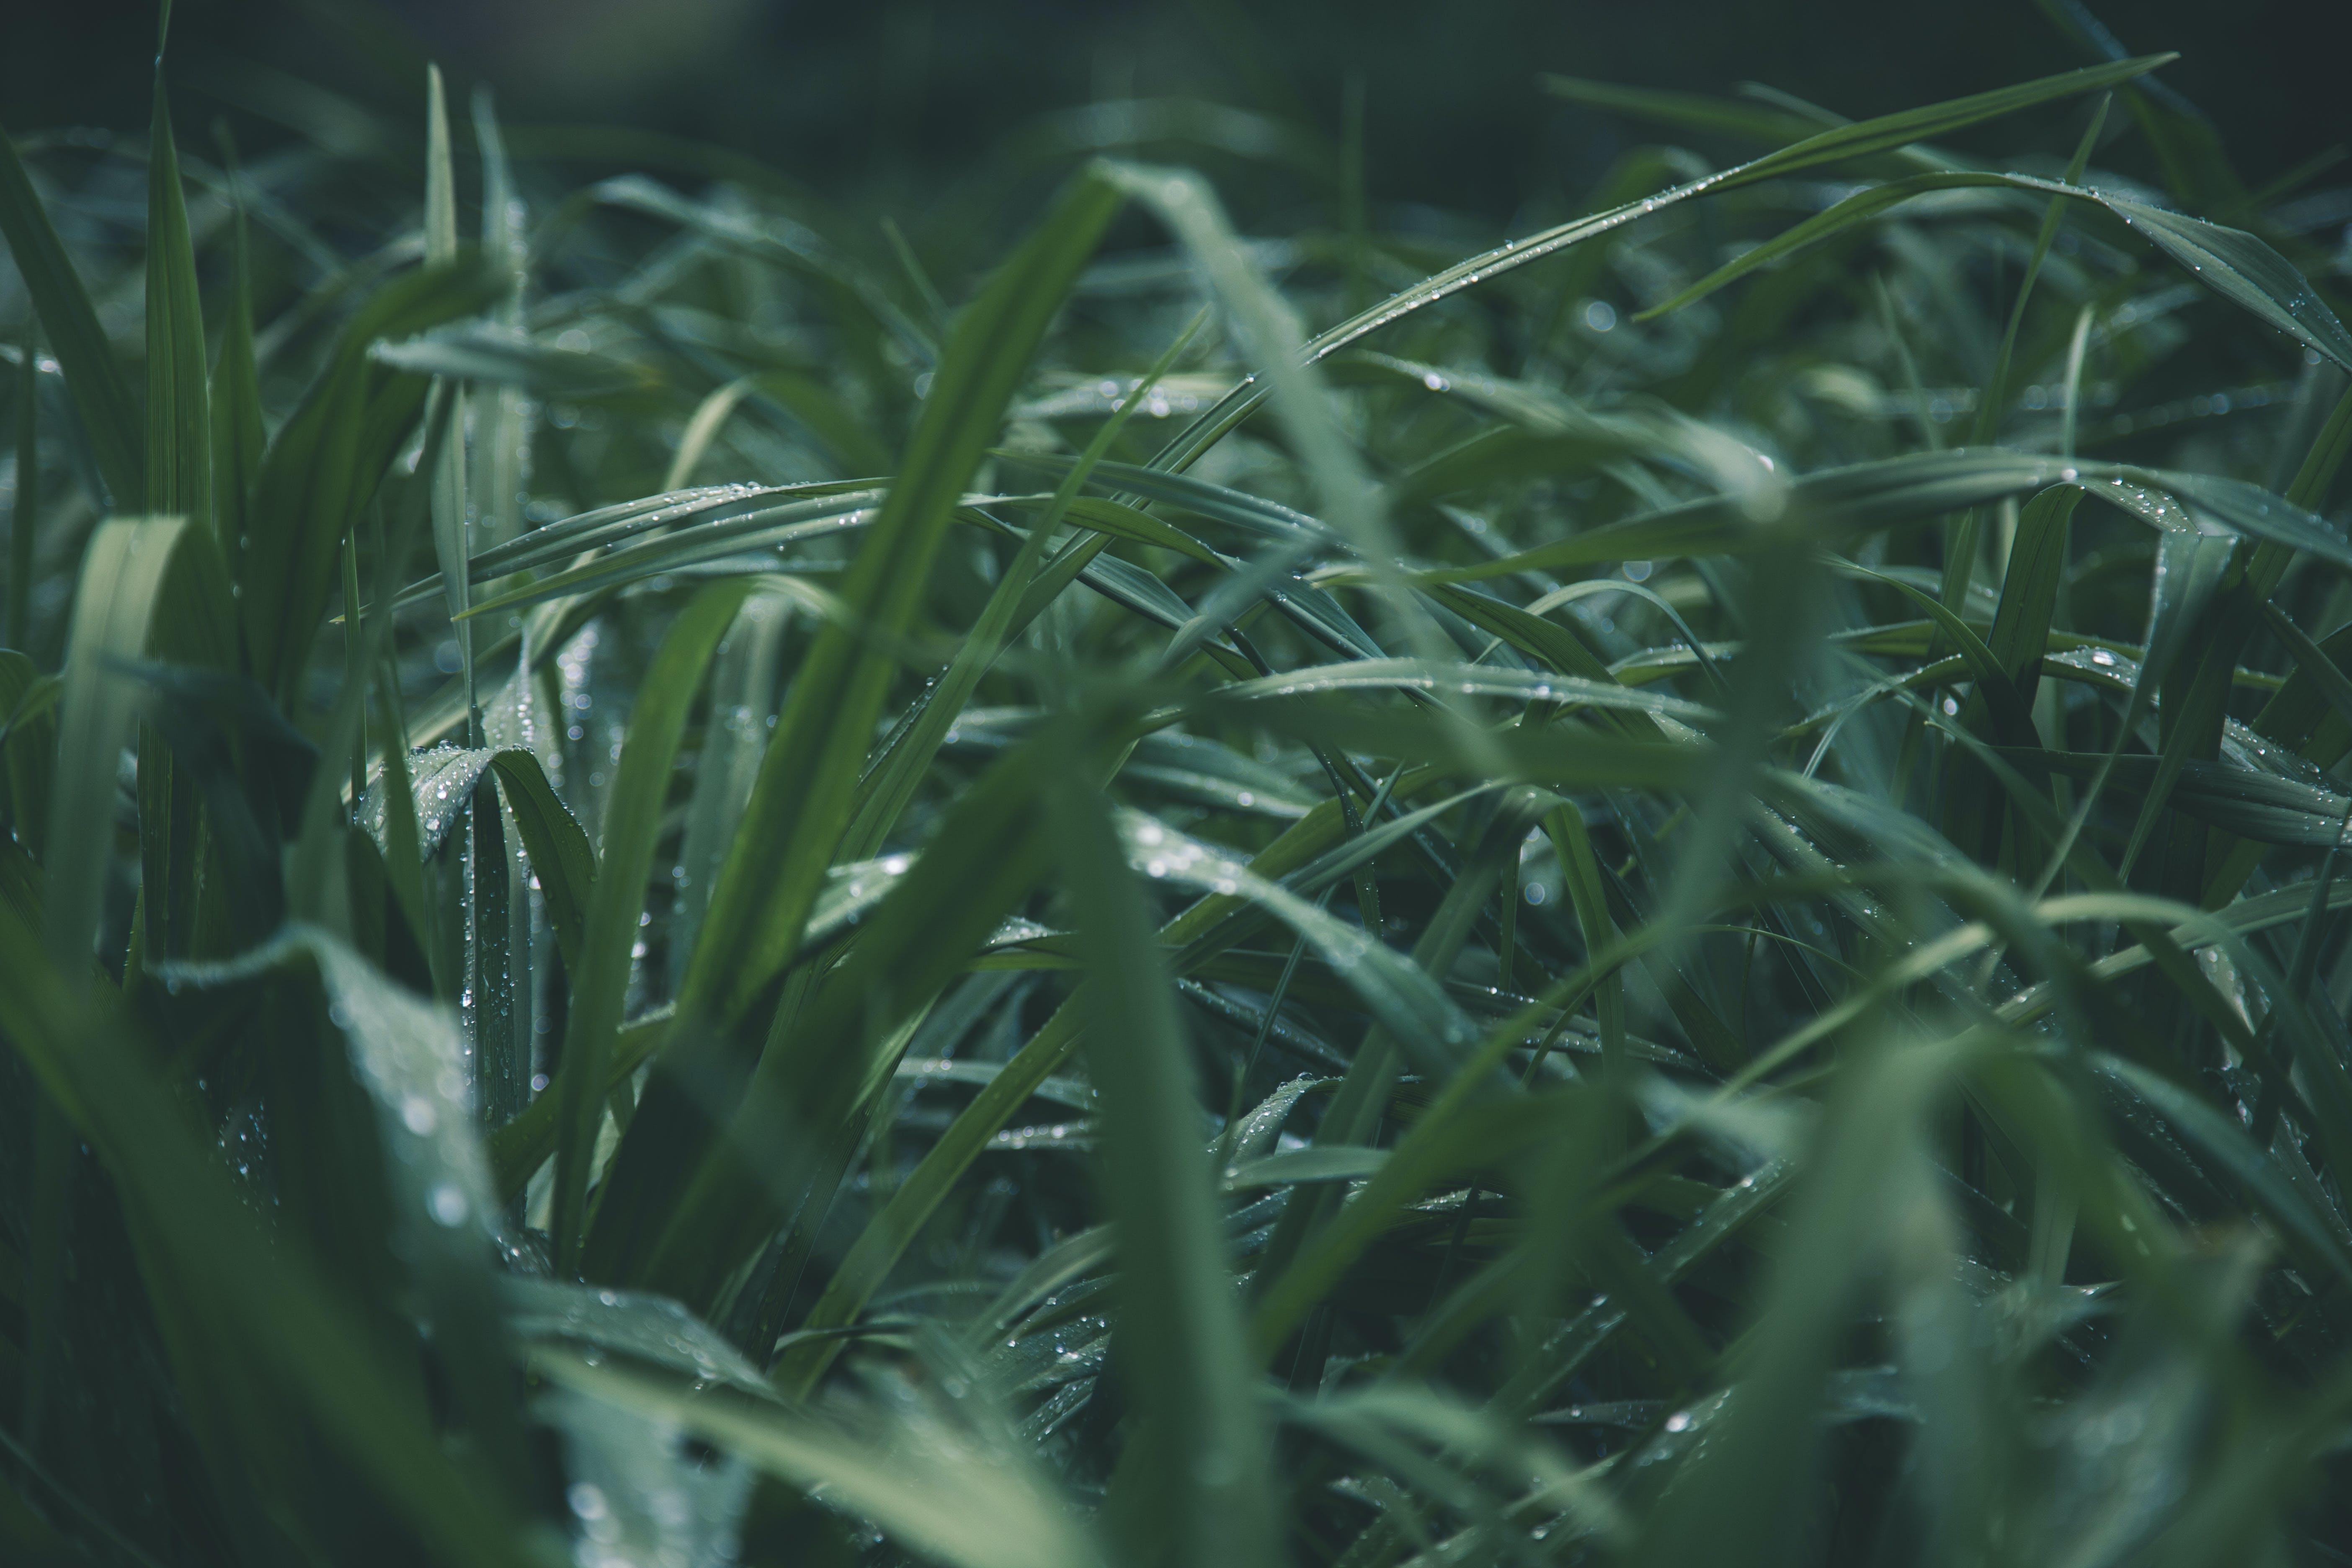 Shallow Focus Photo of Green Grass